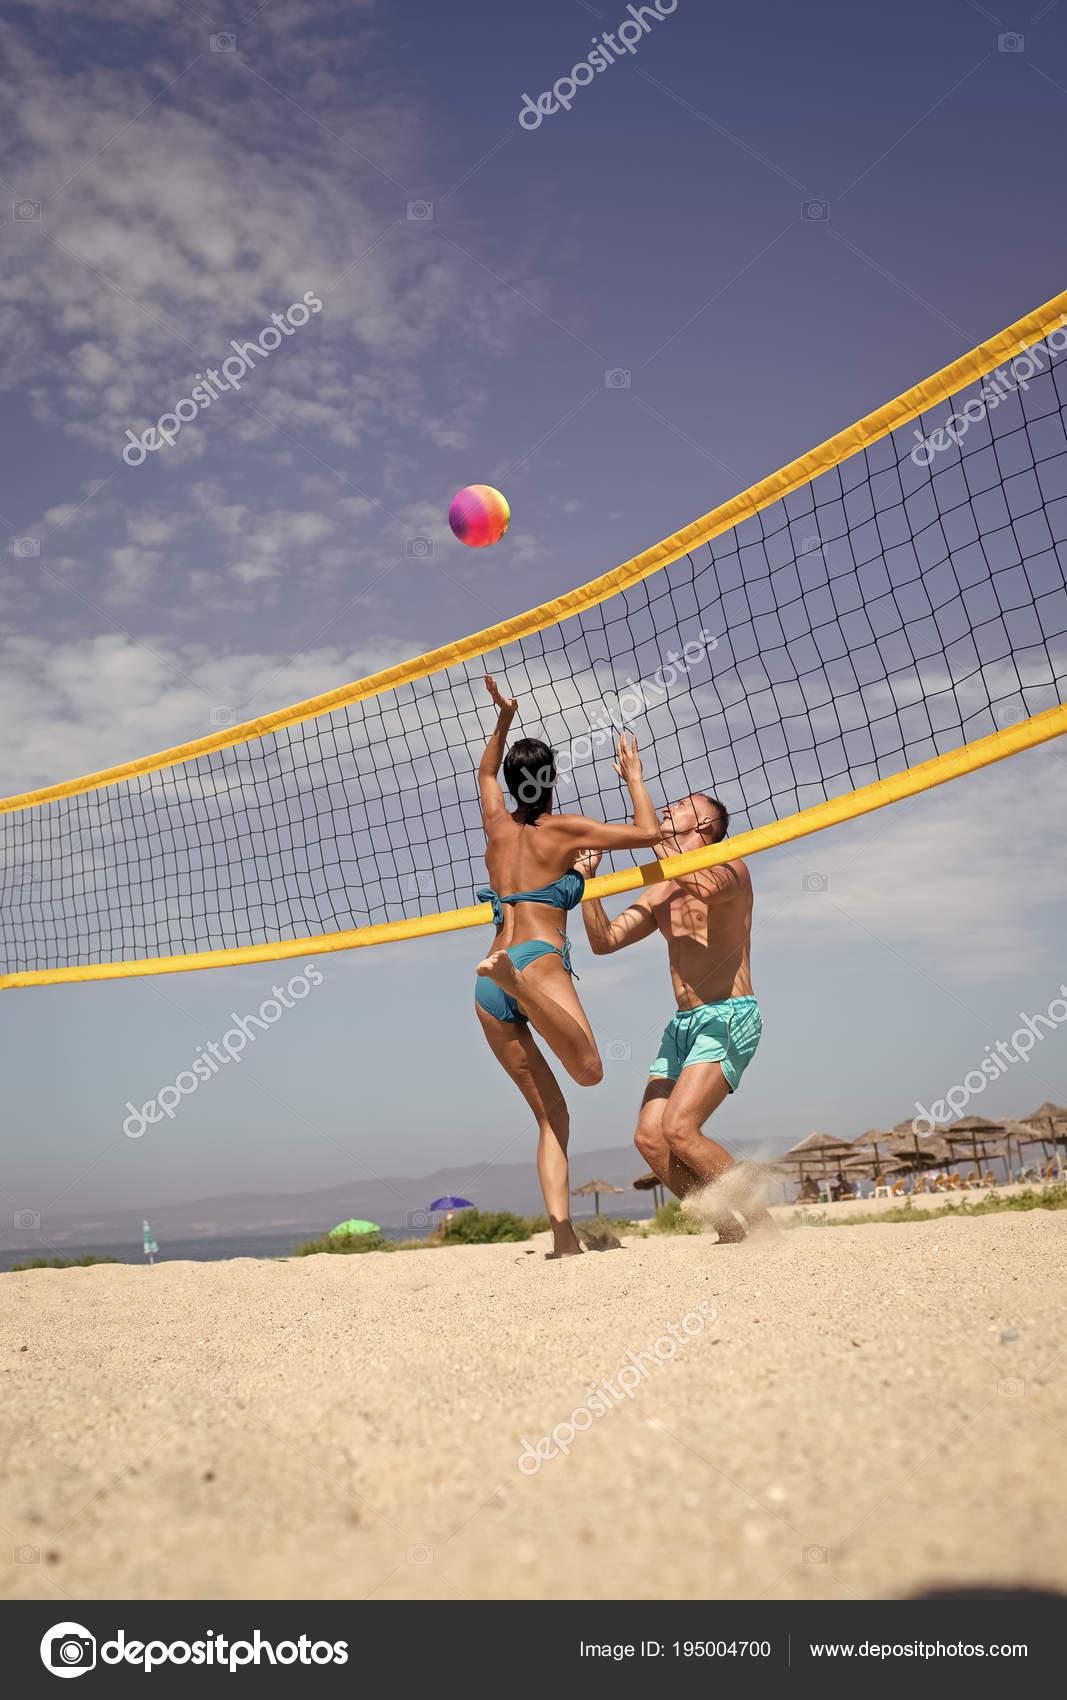 5b213cda0cf6a Concepto de voleibol de playa. Par divertirse jugando voleibol. Joven  pareja activo deportivo bata de voley ball